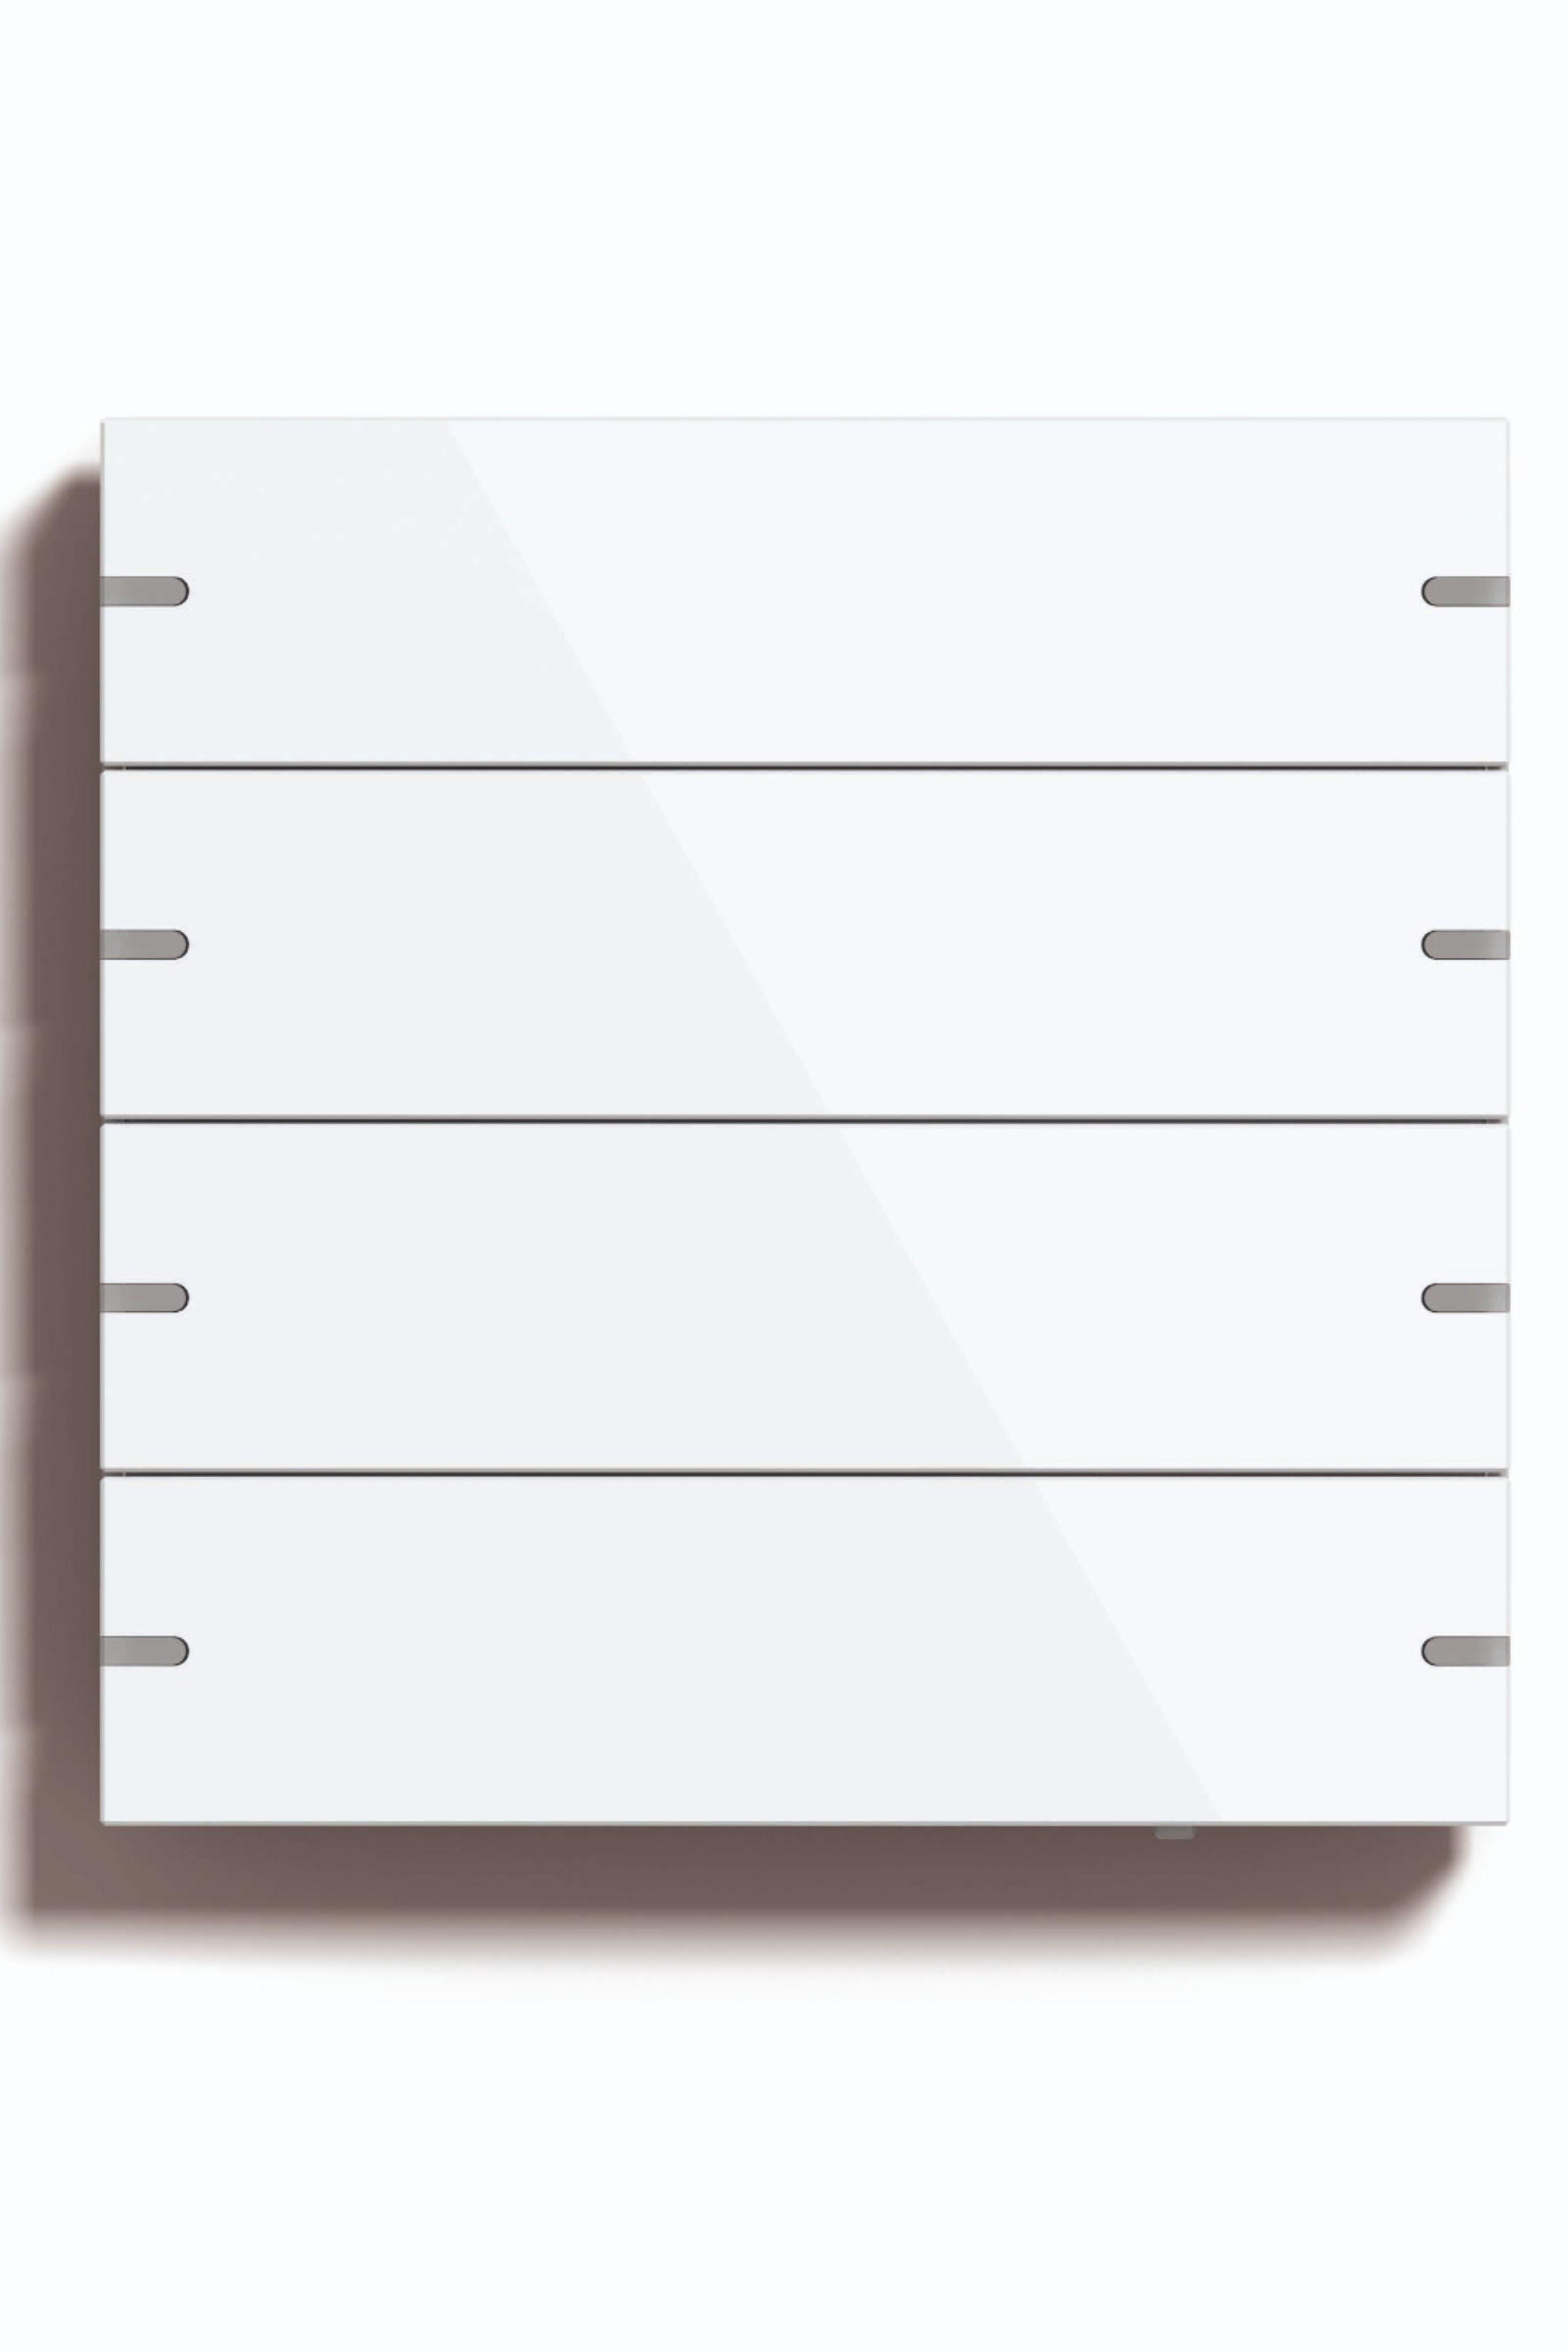 Smart Home Steuerung Mit Dem Gira Tastsensor 4 Hier In Glas Weiss Ohne Beschriftung In 2020 Neuheiten Smart Home Steuerung Elektroinstallation